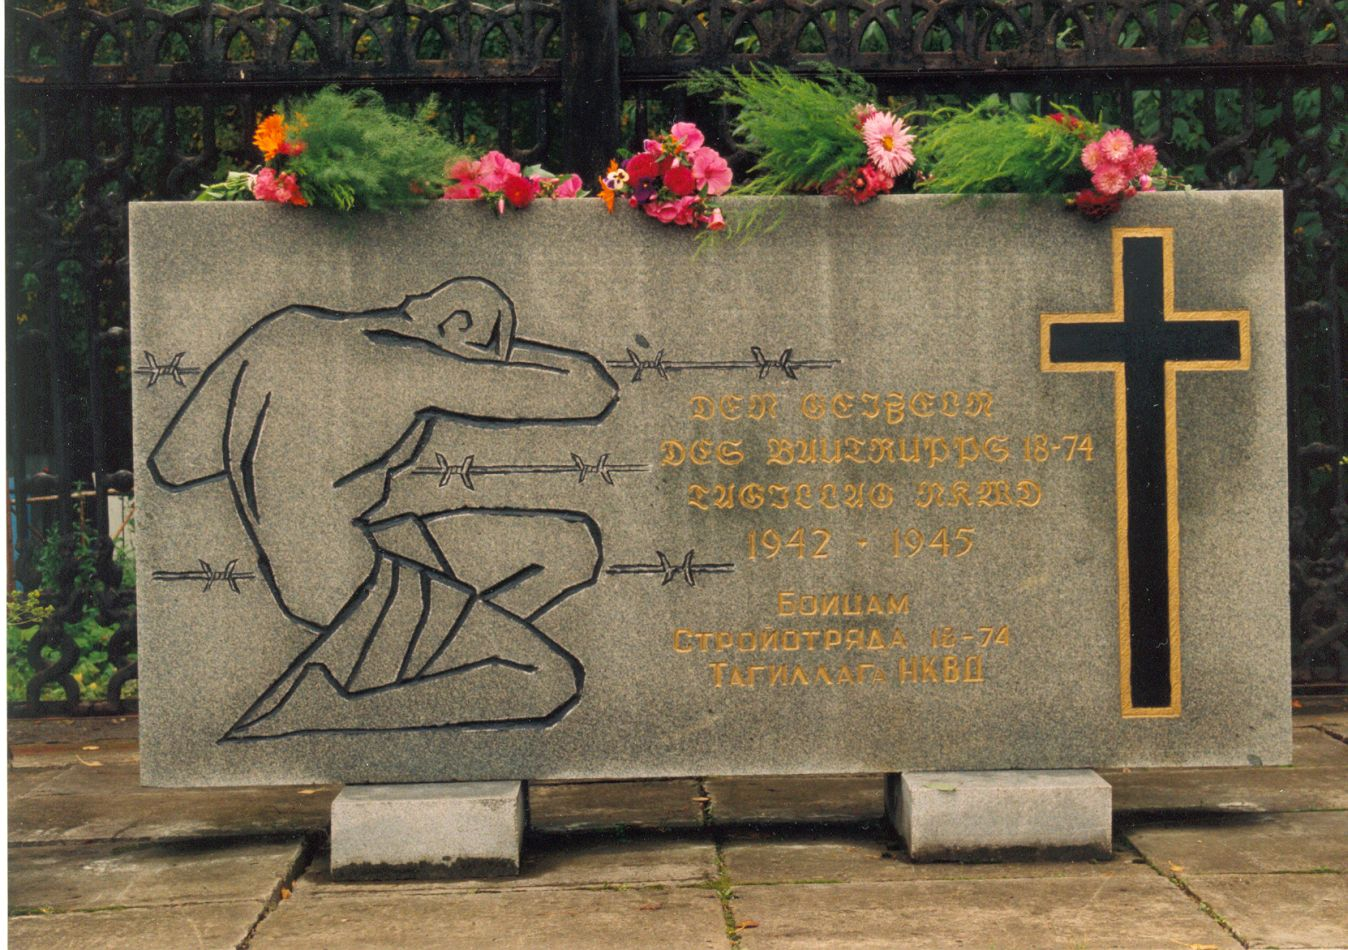 Памятник трудармейцам демонстрирует как страдали немцы в СССР.